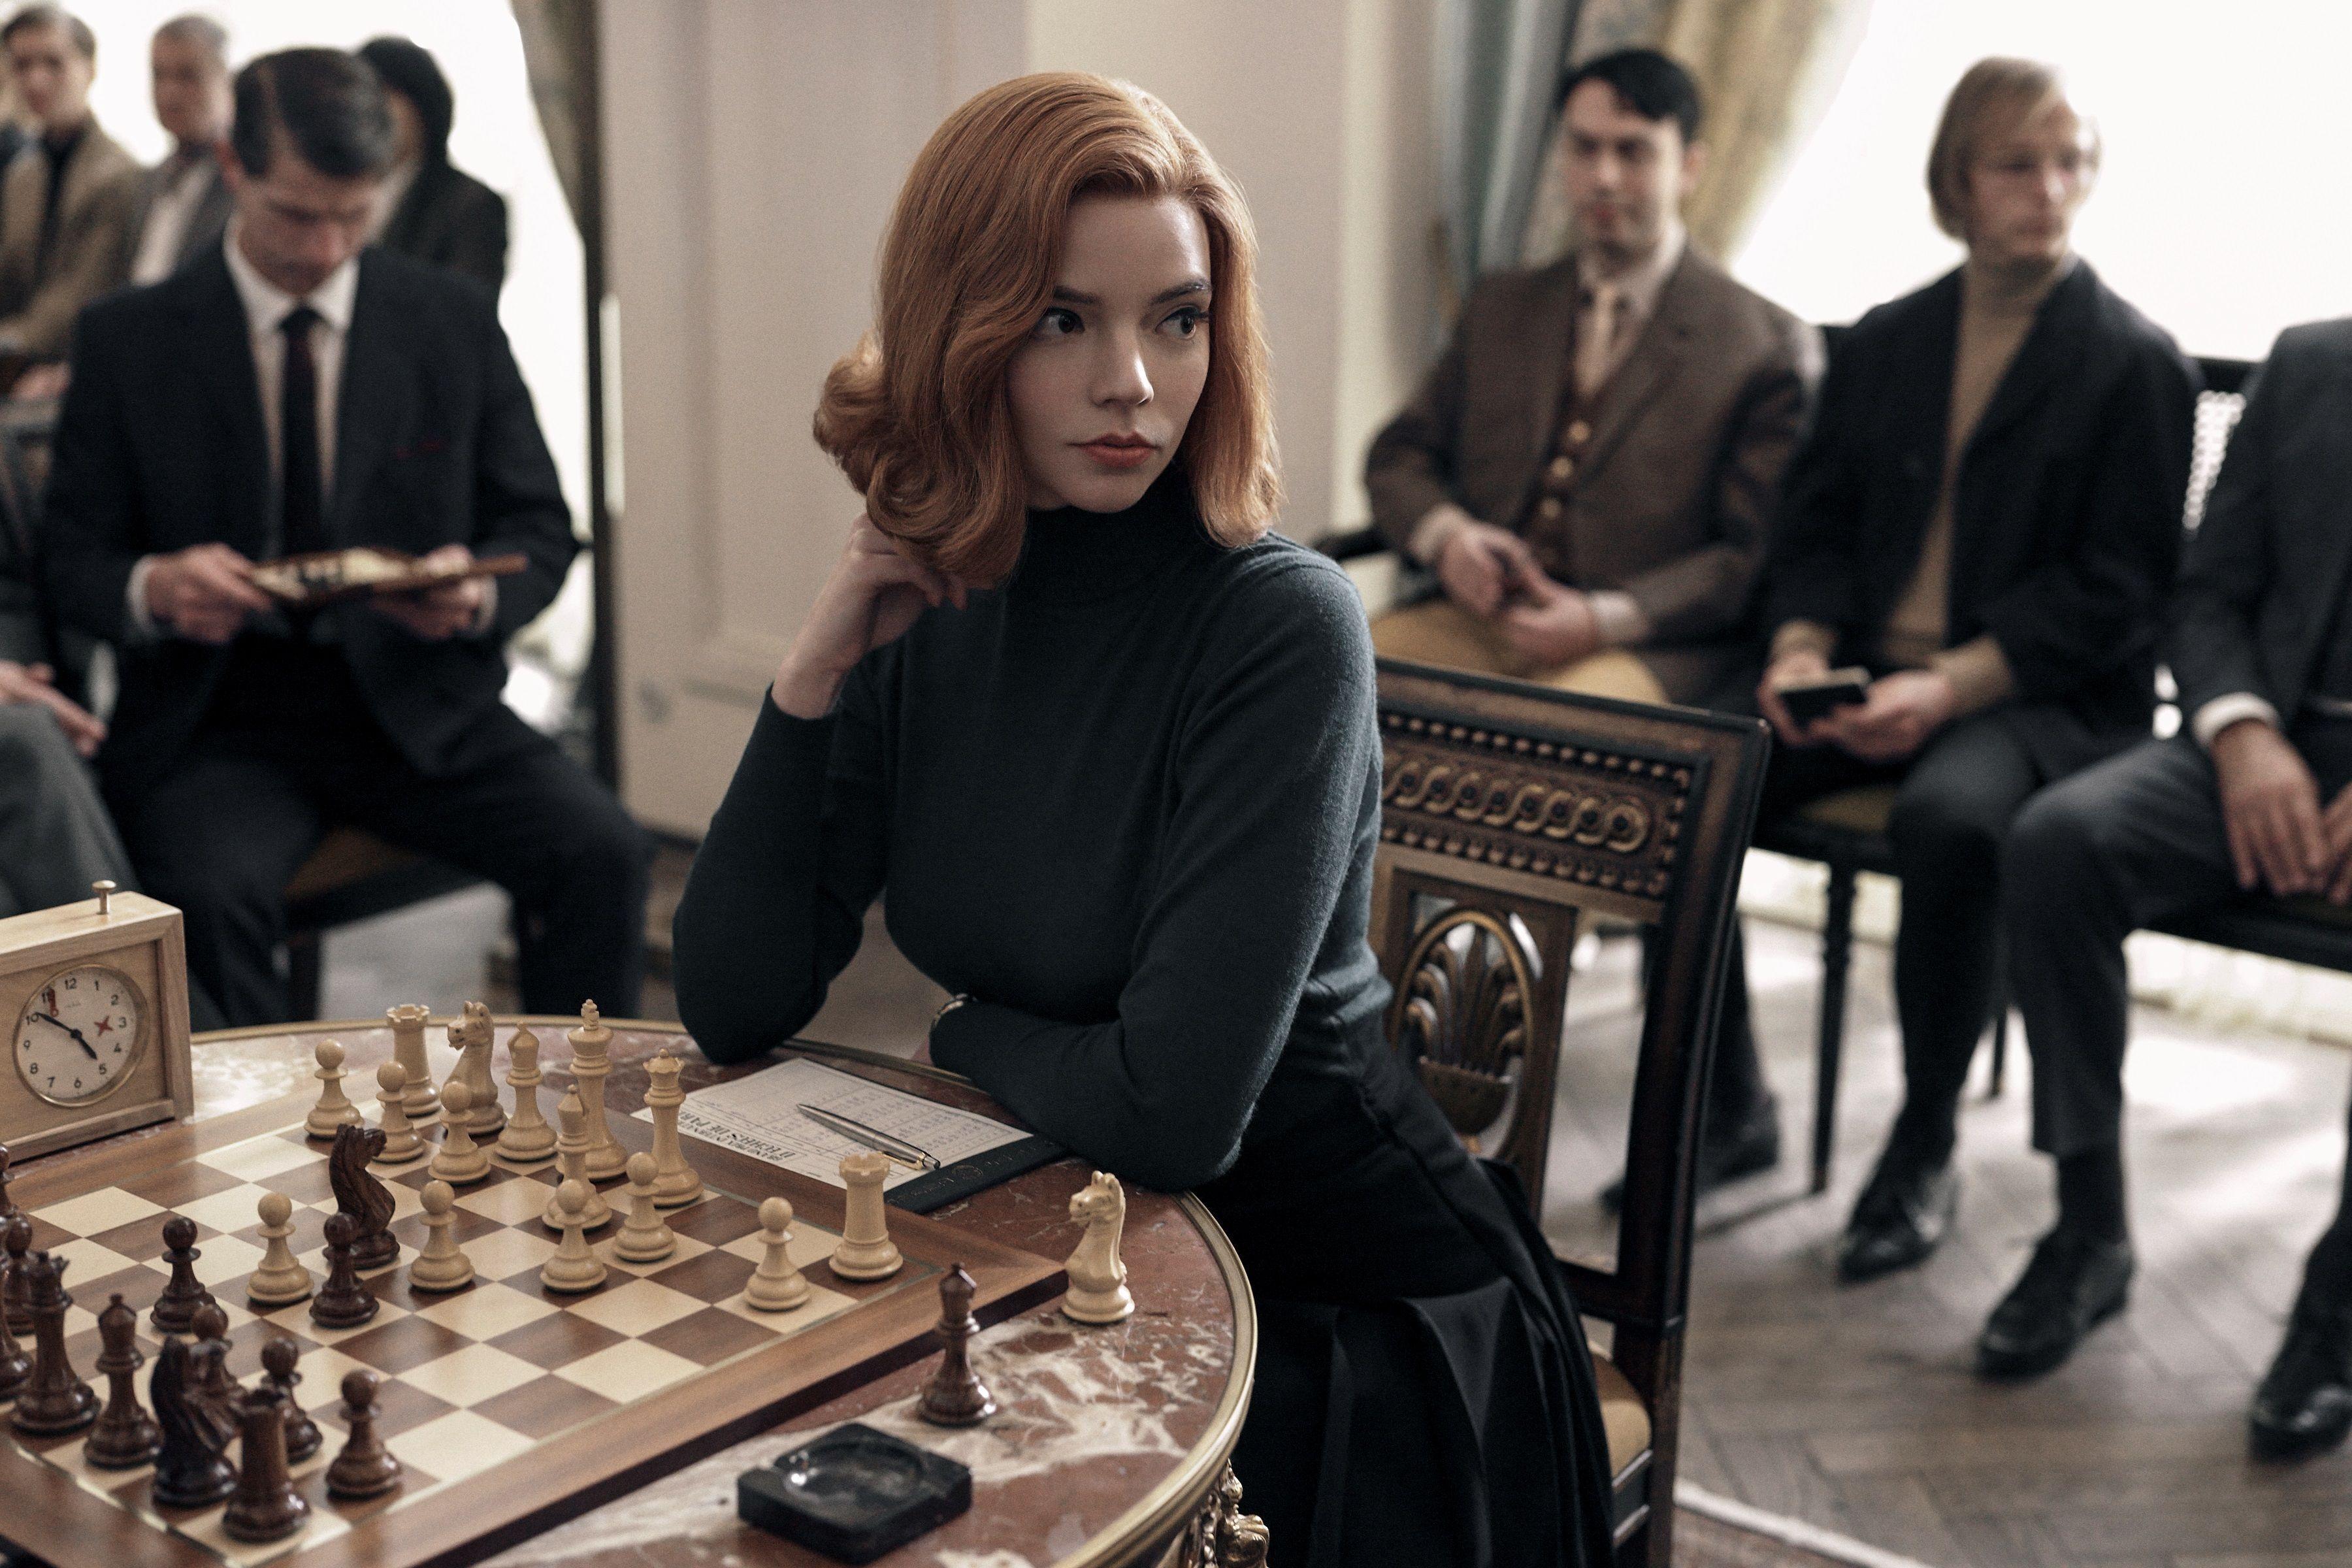 La actriz Anya Taylor-Joy como Beth Harmon, durante una escena de la serie que fue elogiada por Stephen King. EFE/Netflix